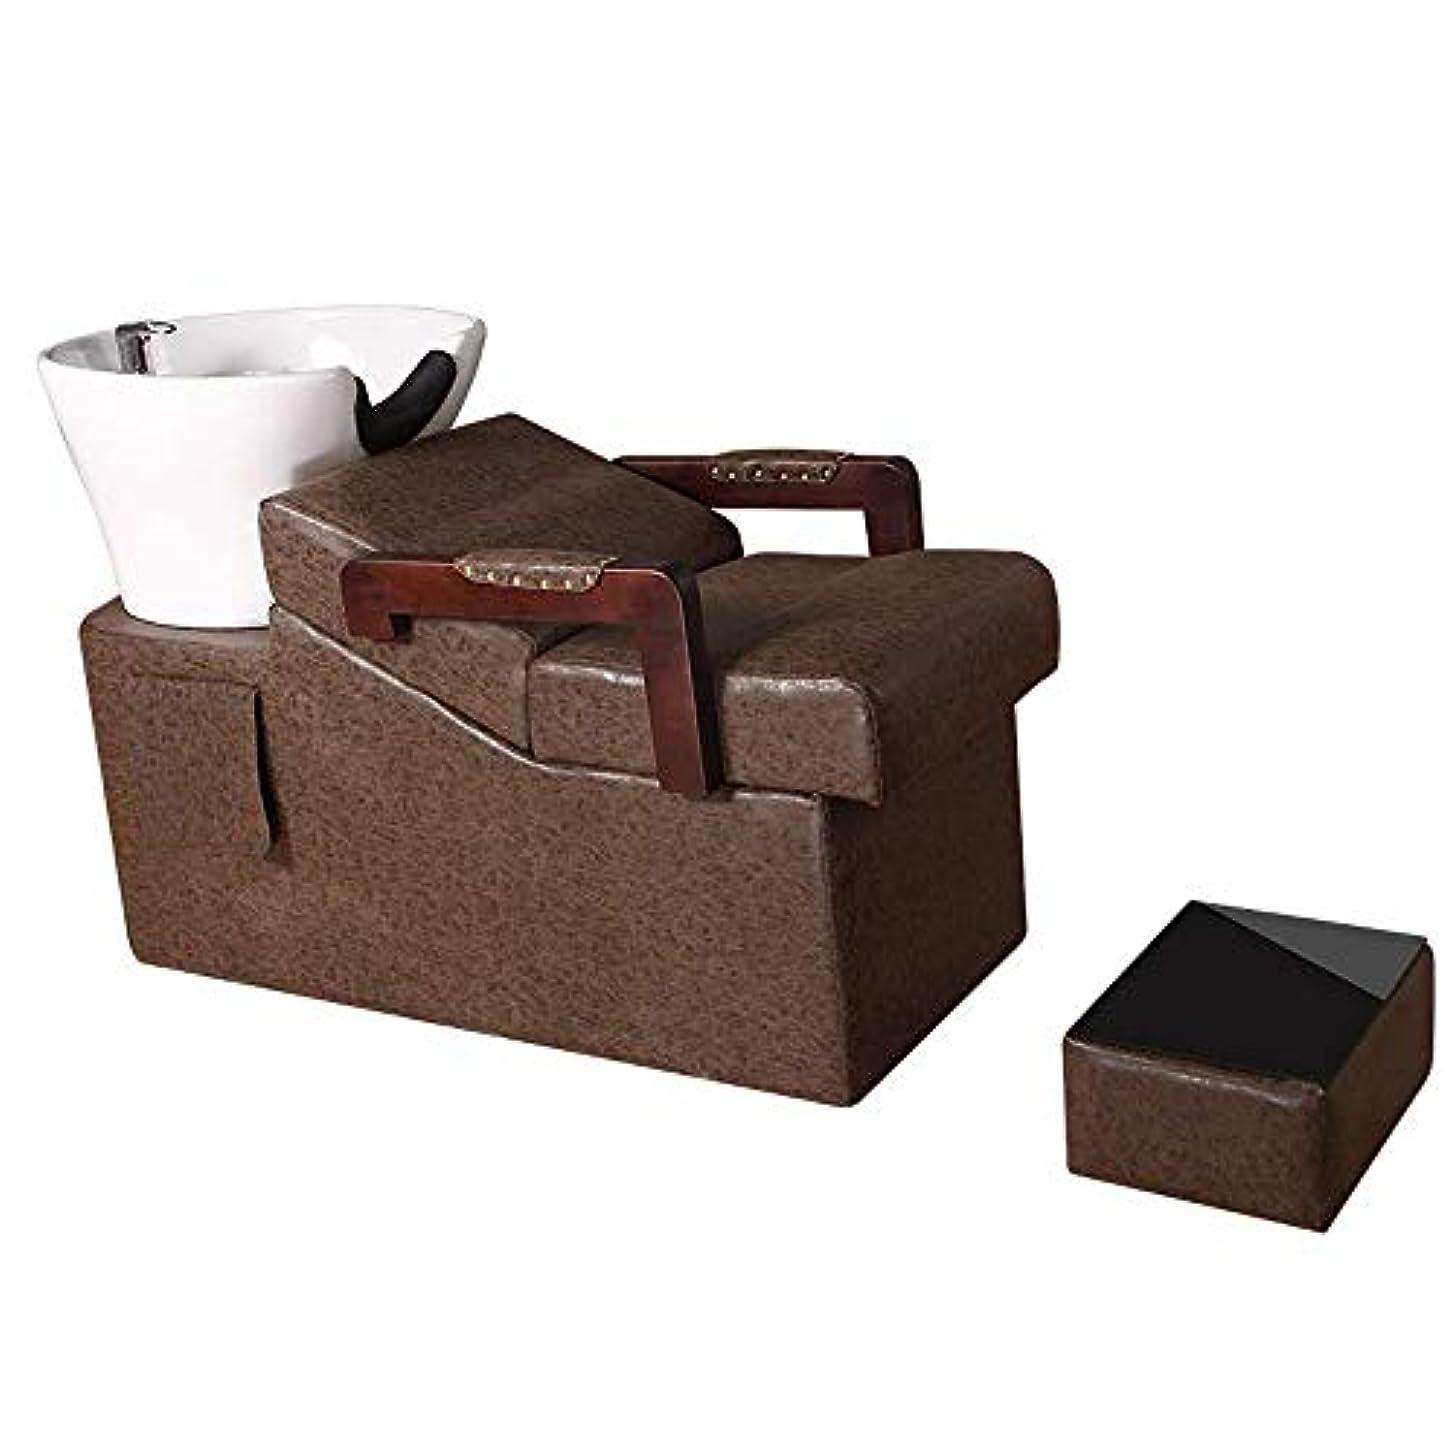 スマッシュいちゃつく船上シャンプーバーバー逆洗椅子、スパビューティーサロン装置特殊シャンプーベッドのための逆洗ユニットシャンプーボウル理髪シンクチェア